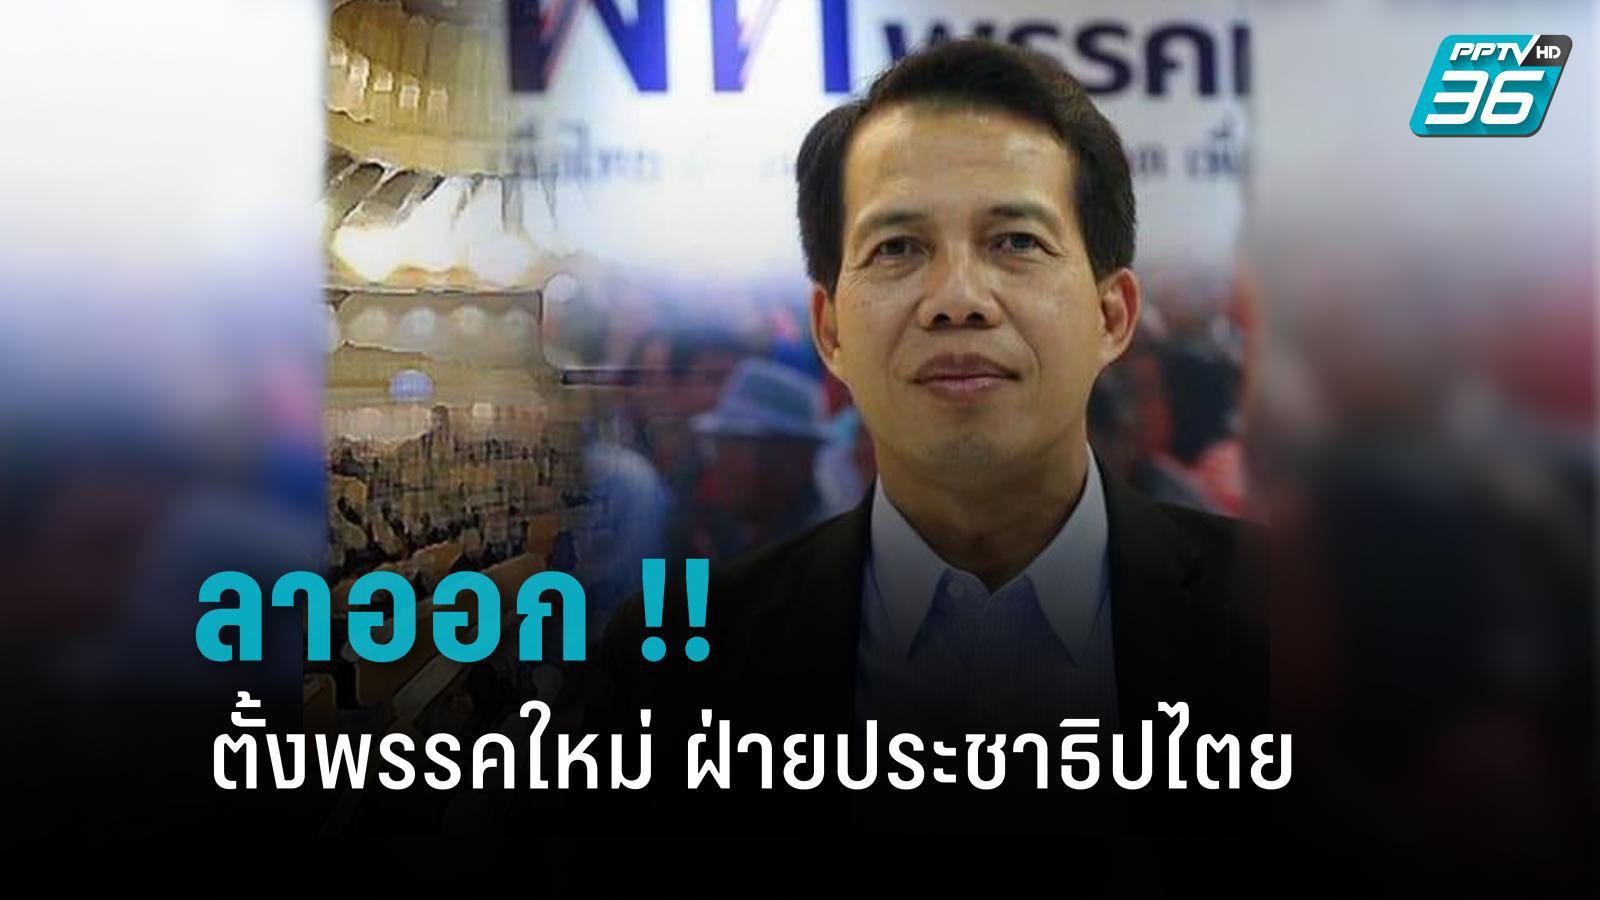 """""""นคร"""" ลาออก """"เพื่อไทย"""" ตั้งพรรคใหม่ ลั่น เป็นพรรคฝ่ายประชาธิปไตย"""